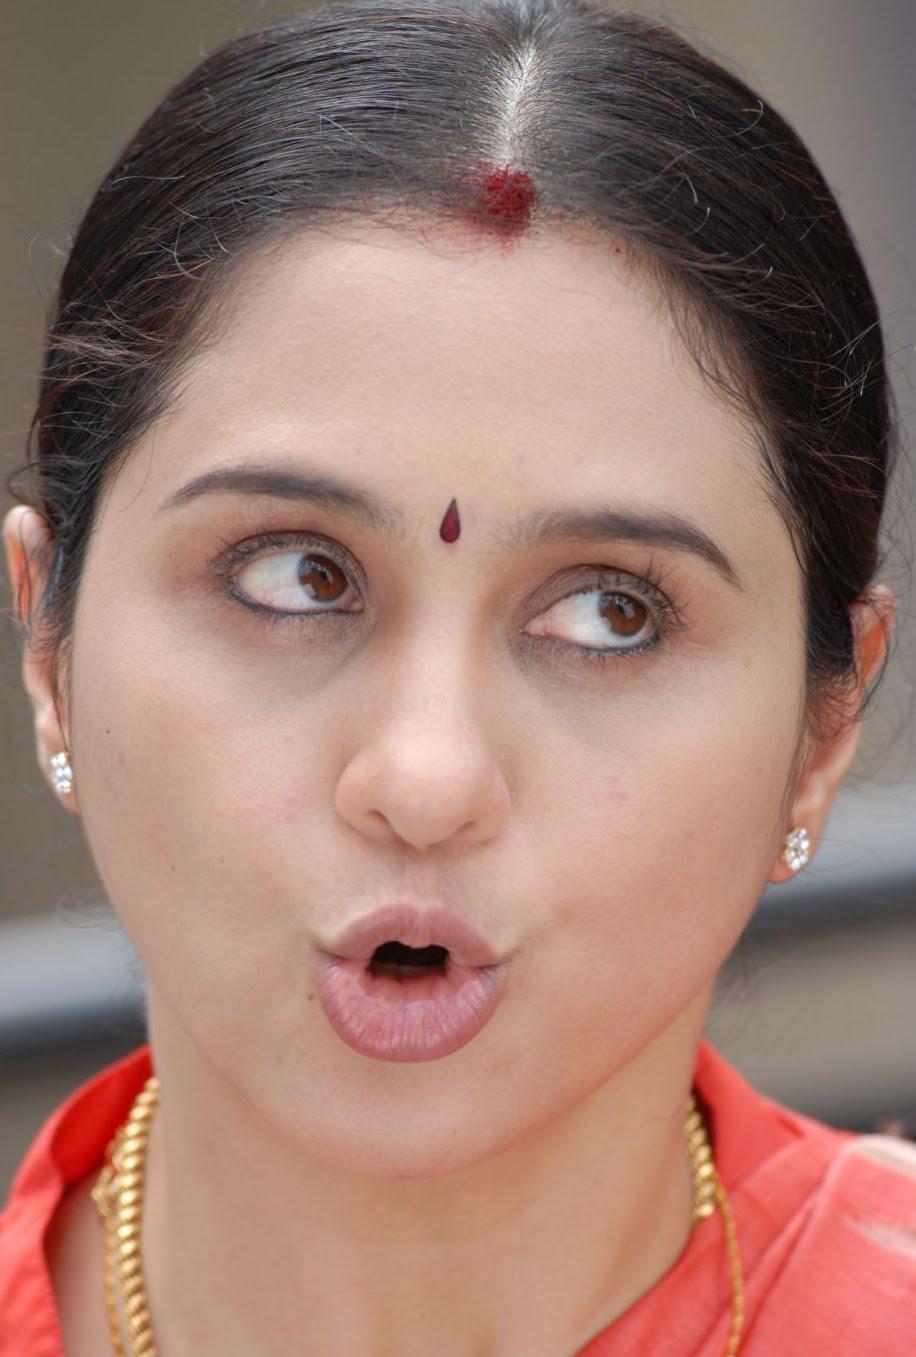 Tamil Actress Photos Without Dress